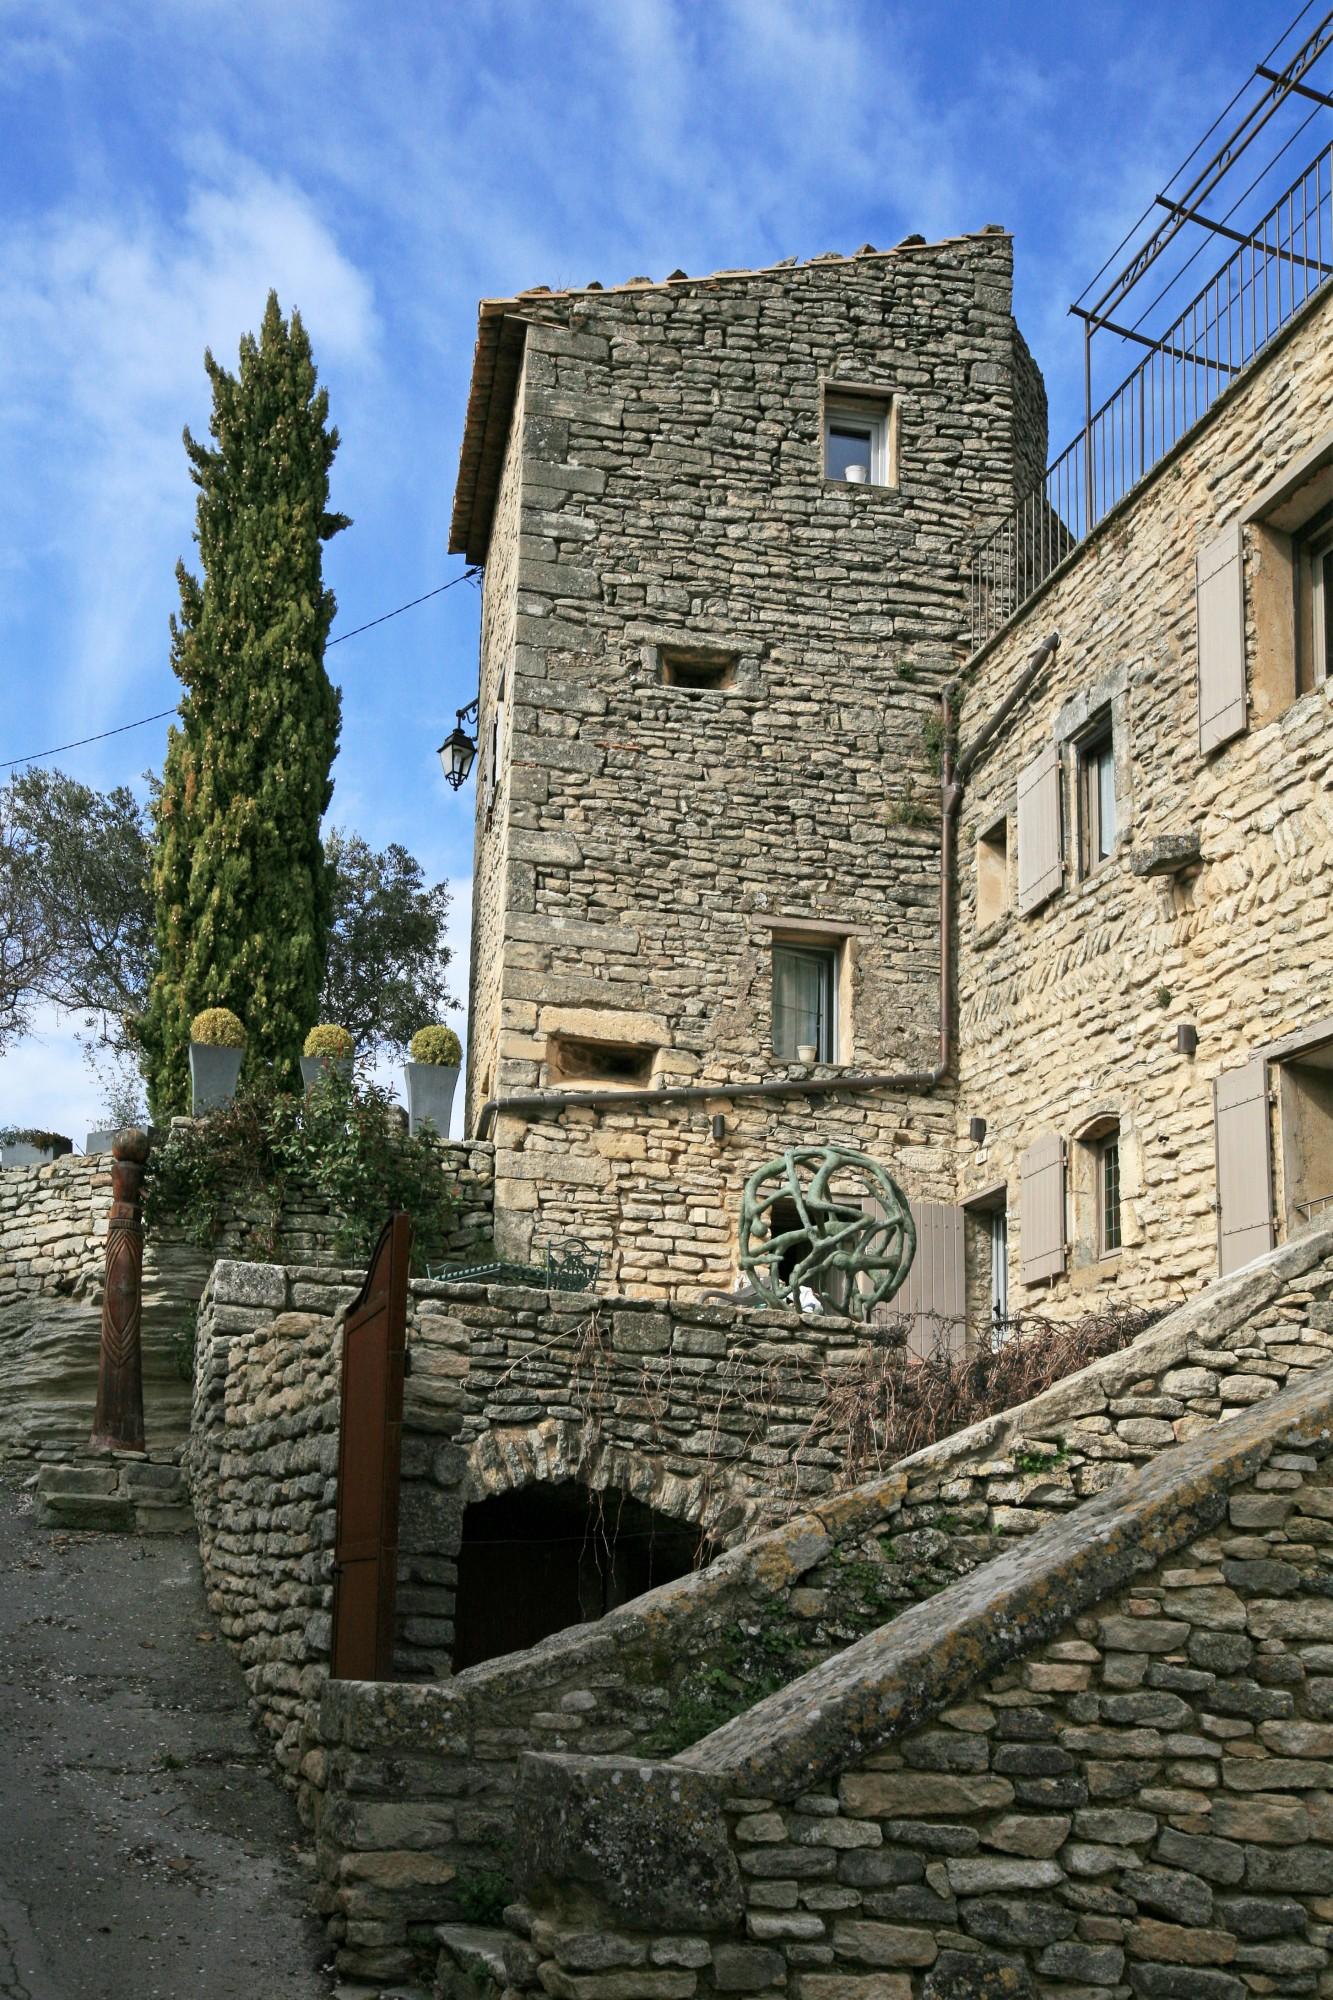 Maisons en pierre du vieux Goult avec des meutrières